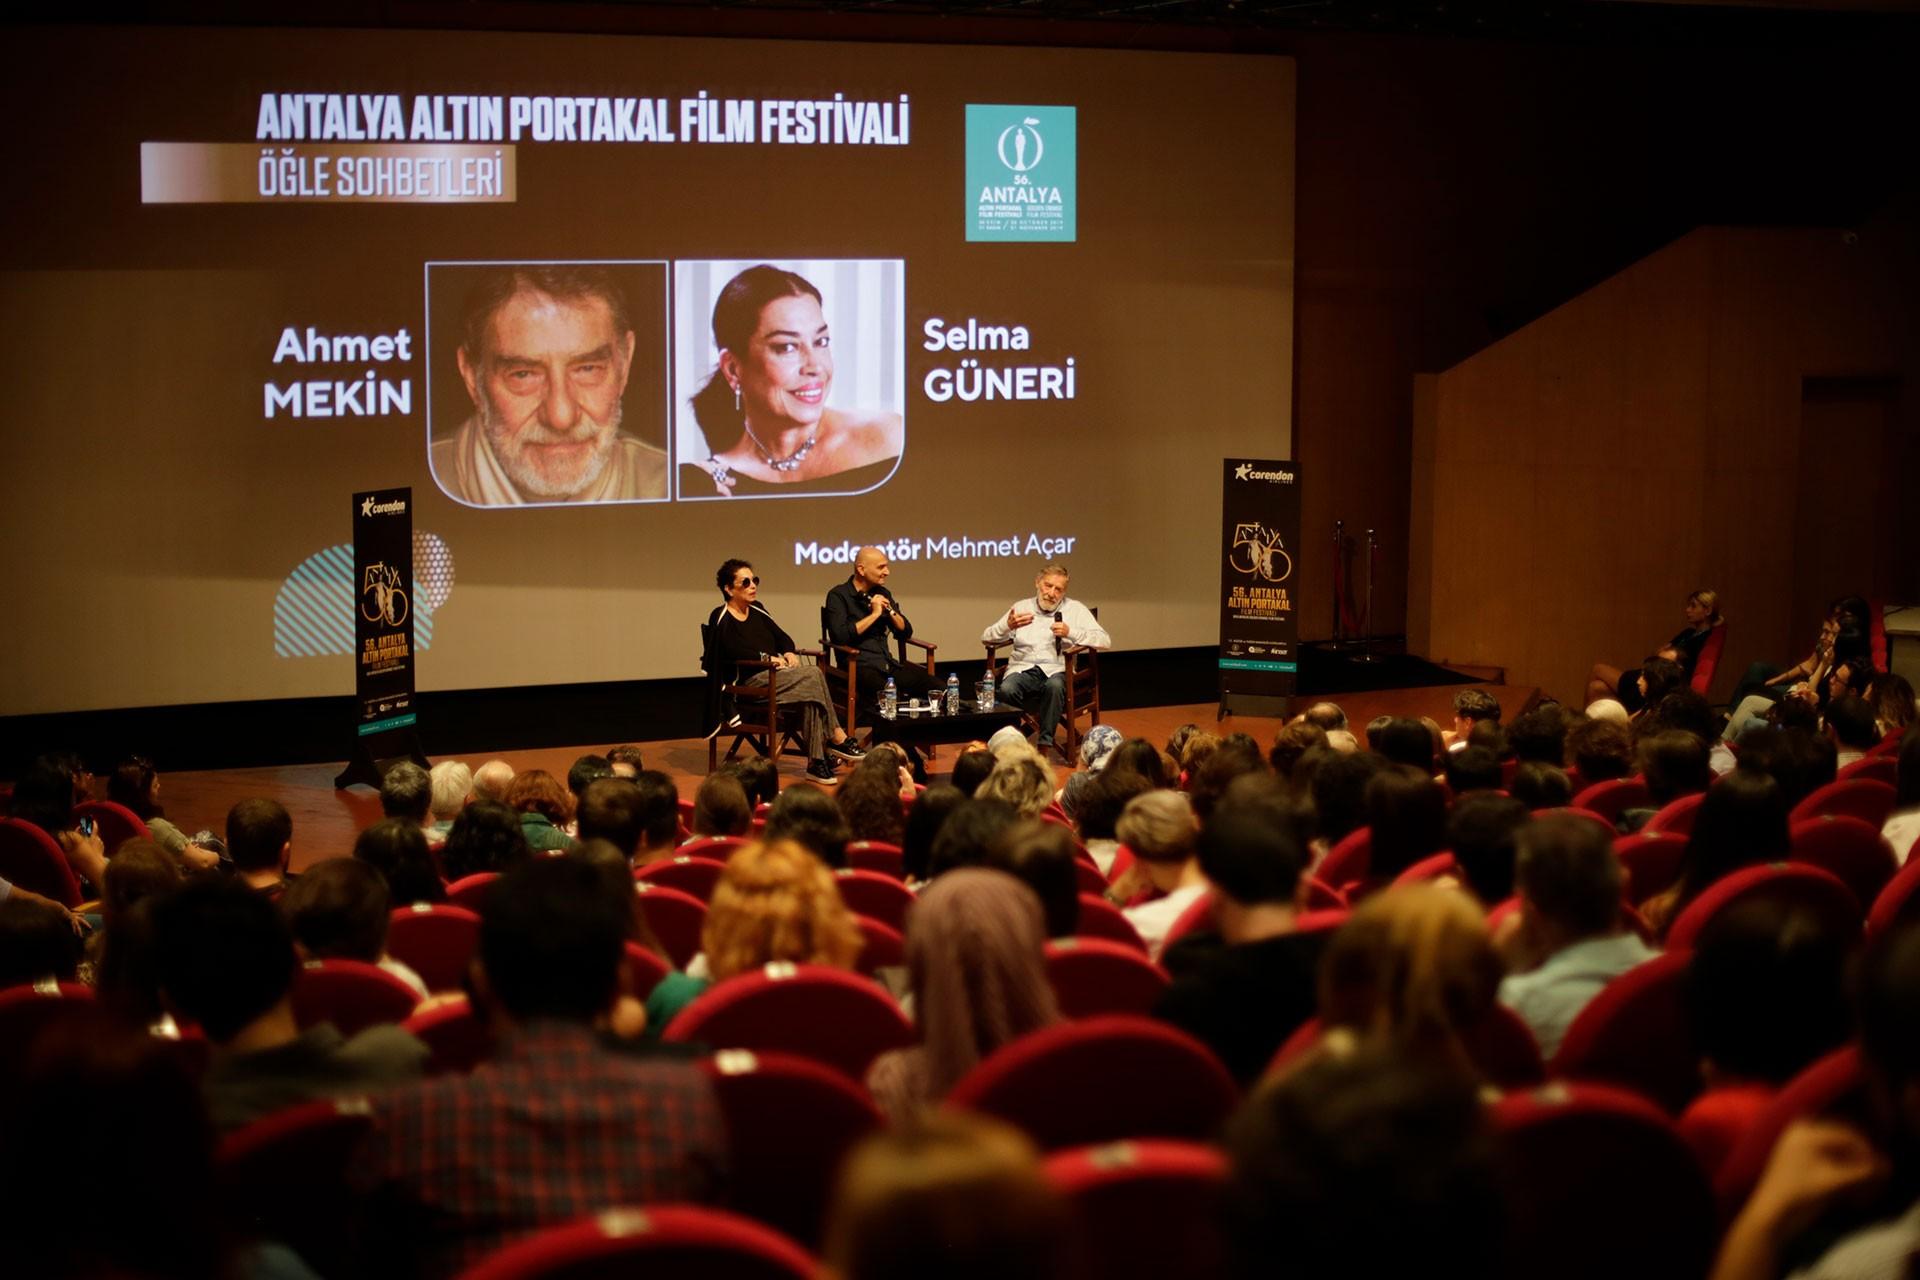 Altın Portakal Film Festivali devam ediyor: Halk kendi özüne döndü